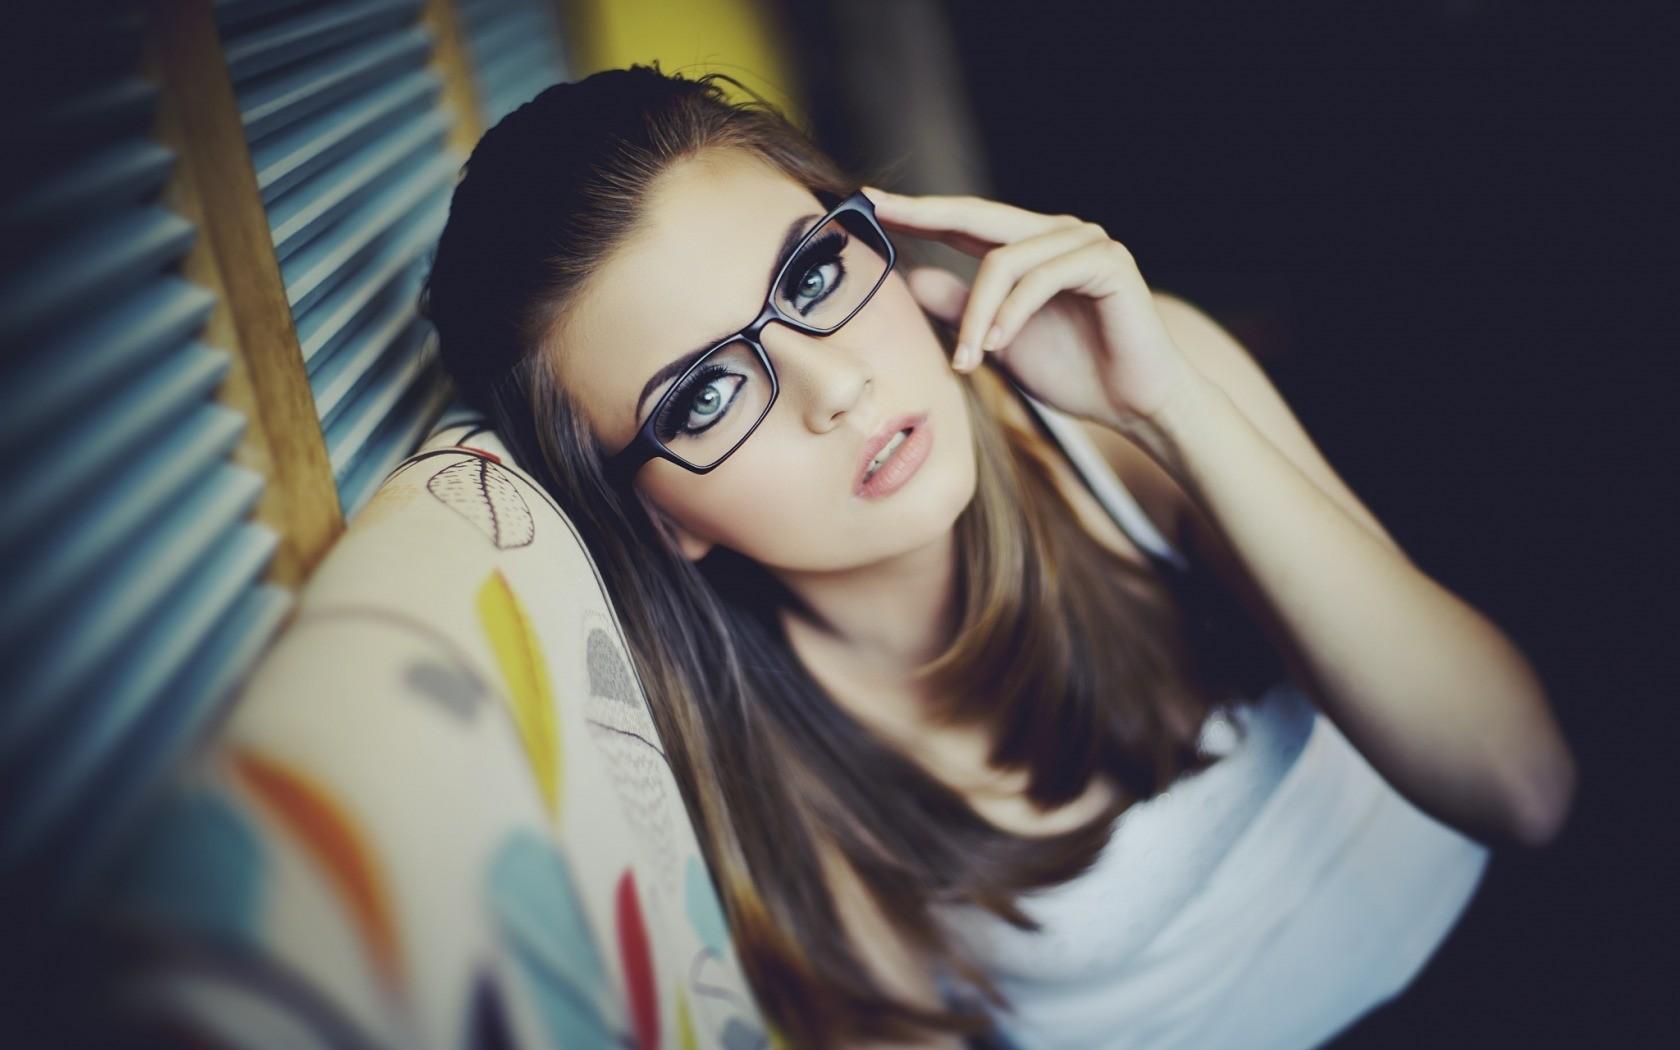 Wallpaper : Face, White, Model, Women With Glasses